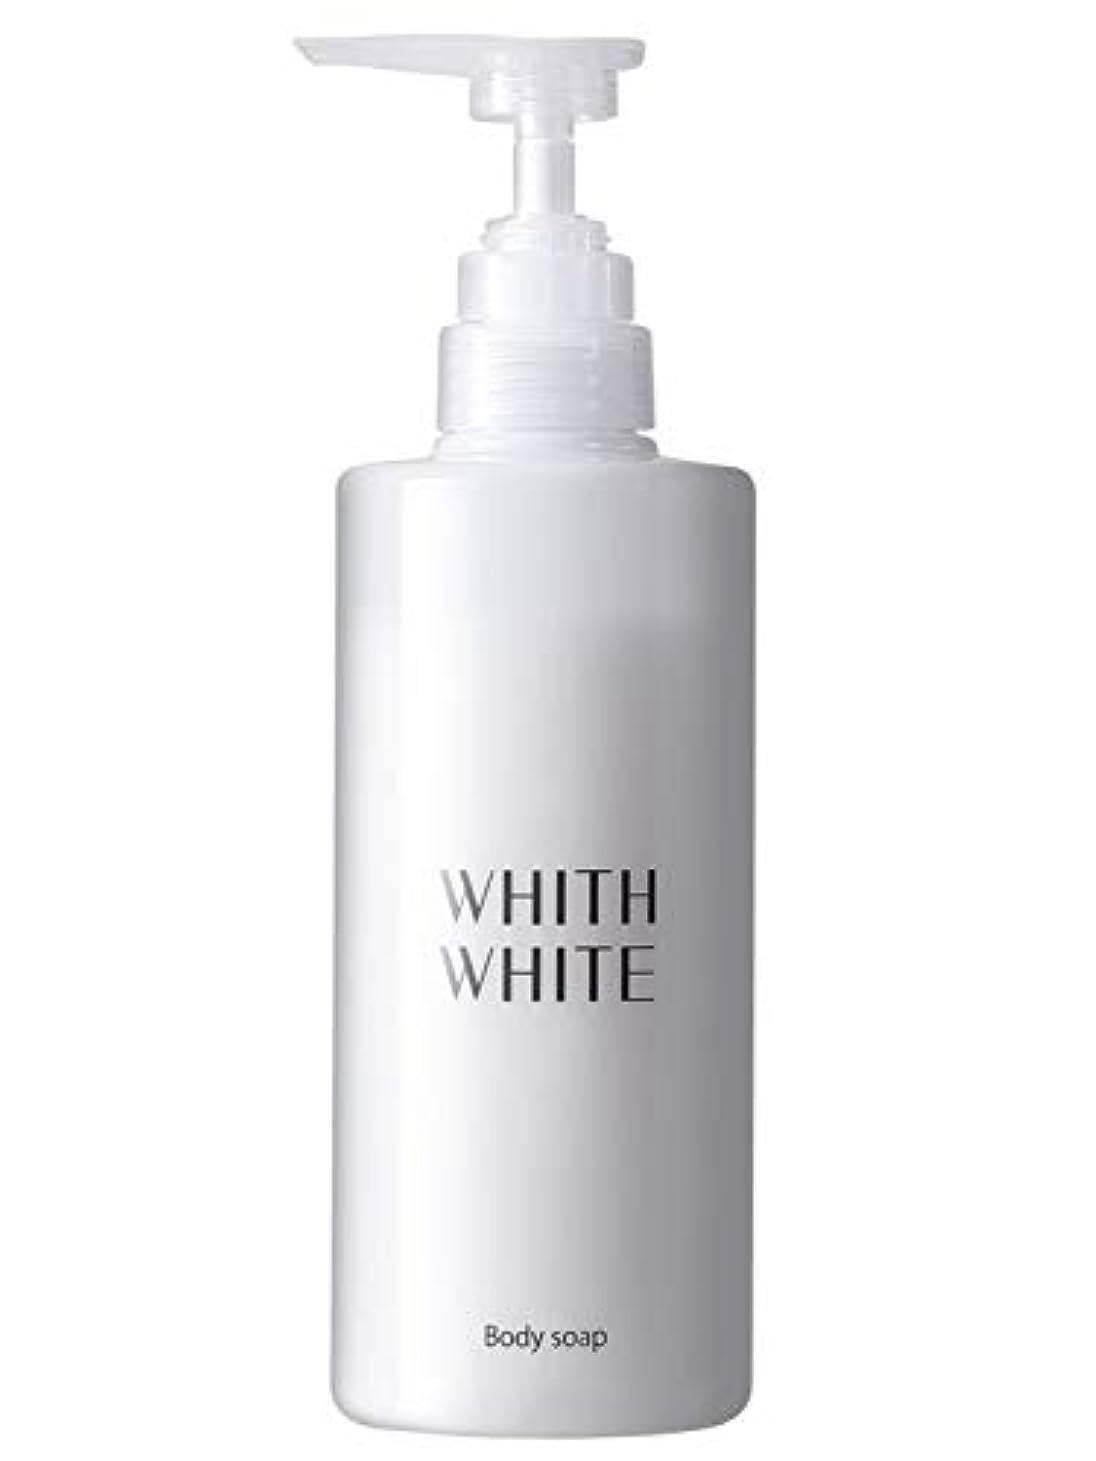 ショップ対処する襟無添加 ボディソープ フィス ホワイト 【 エレガントフローラルのいい香り 】 保湿 ボディーソープ 「 泡で黒ずみ さっぱり ボディシャンプー 」「 ヒアルロン酸 コラーゲン セラミド 配合」450ml